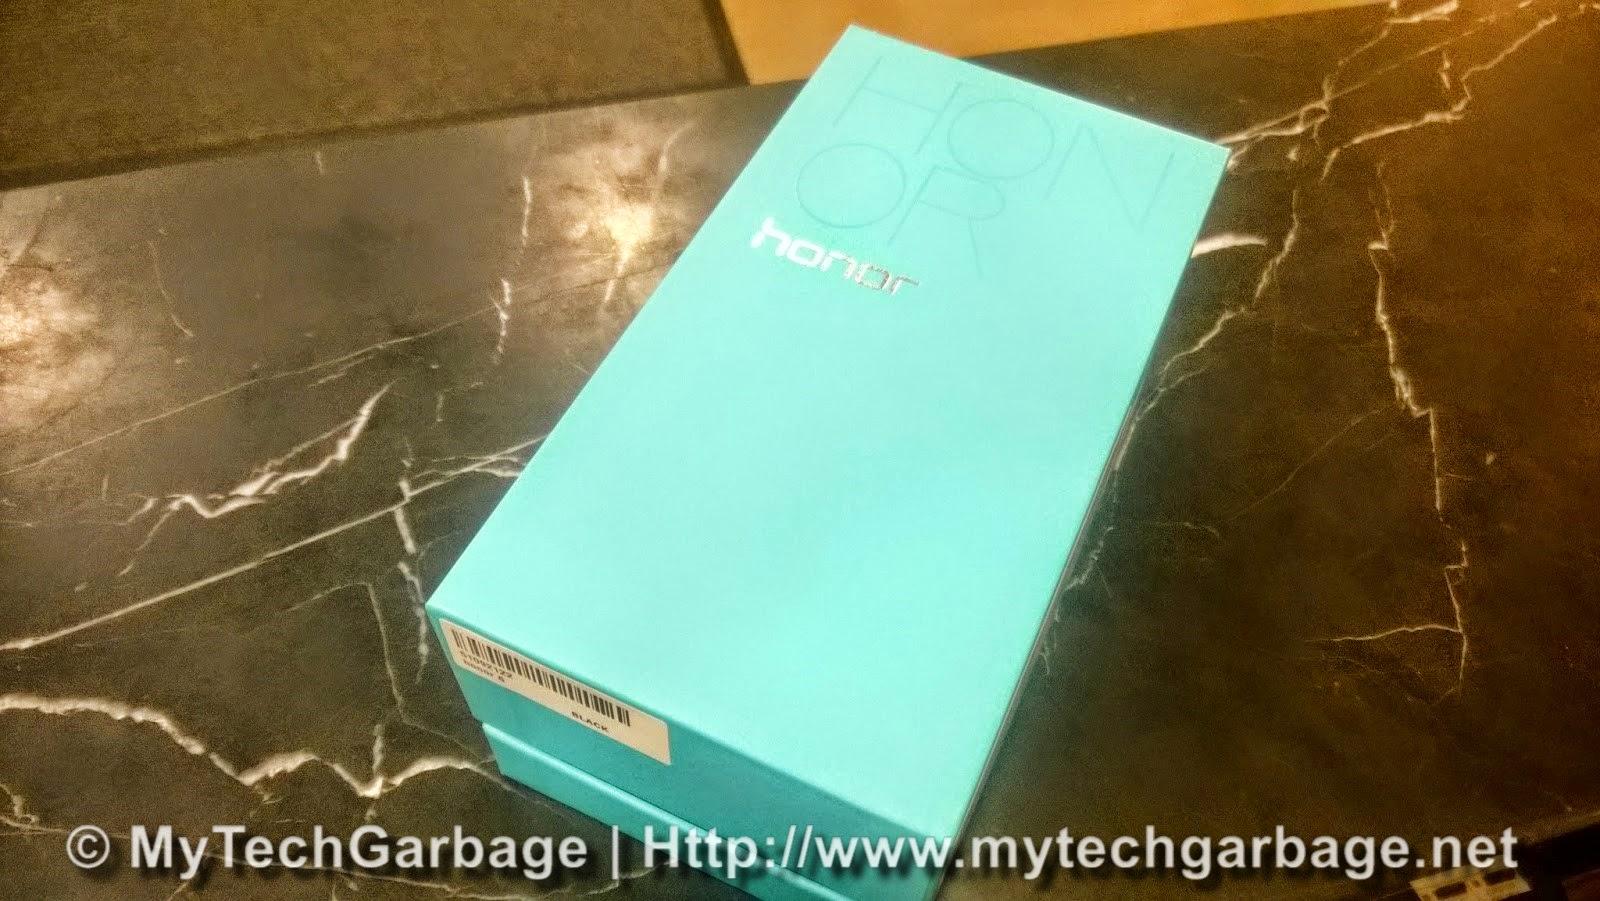 Honor 6 box